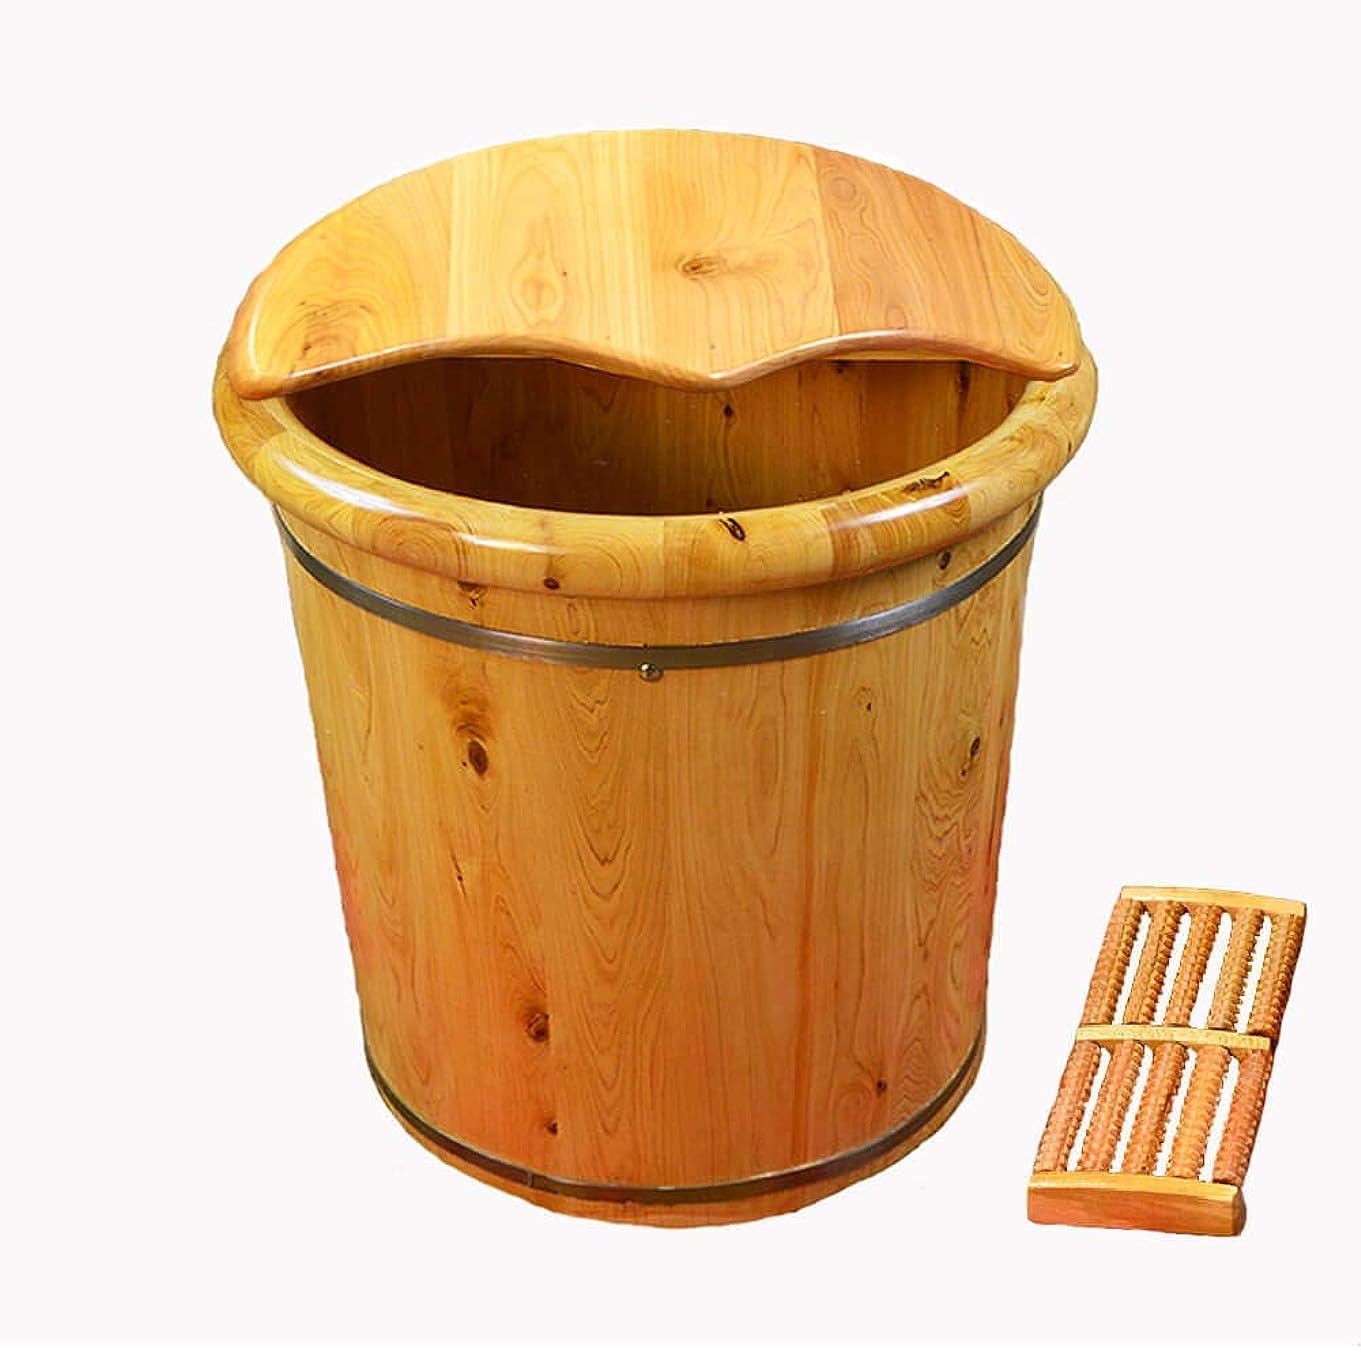 ポゴスティックジャンプ苦しみレーニン主義足浴桶 足の浴槽、木製の足の盆地足のバレルの足の足のマッサージの足の盆カバーの足の桶